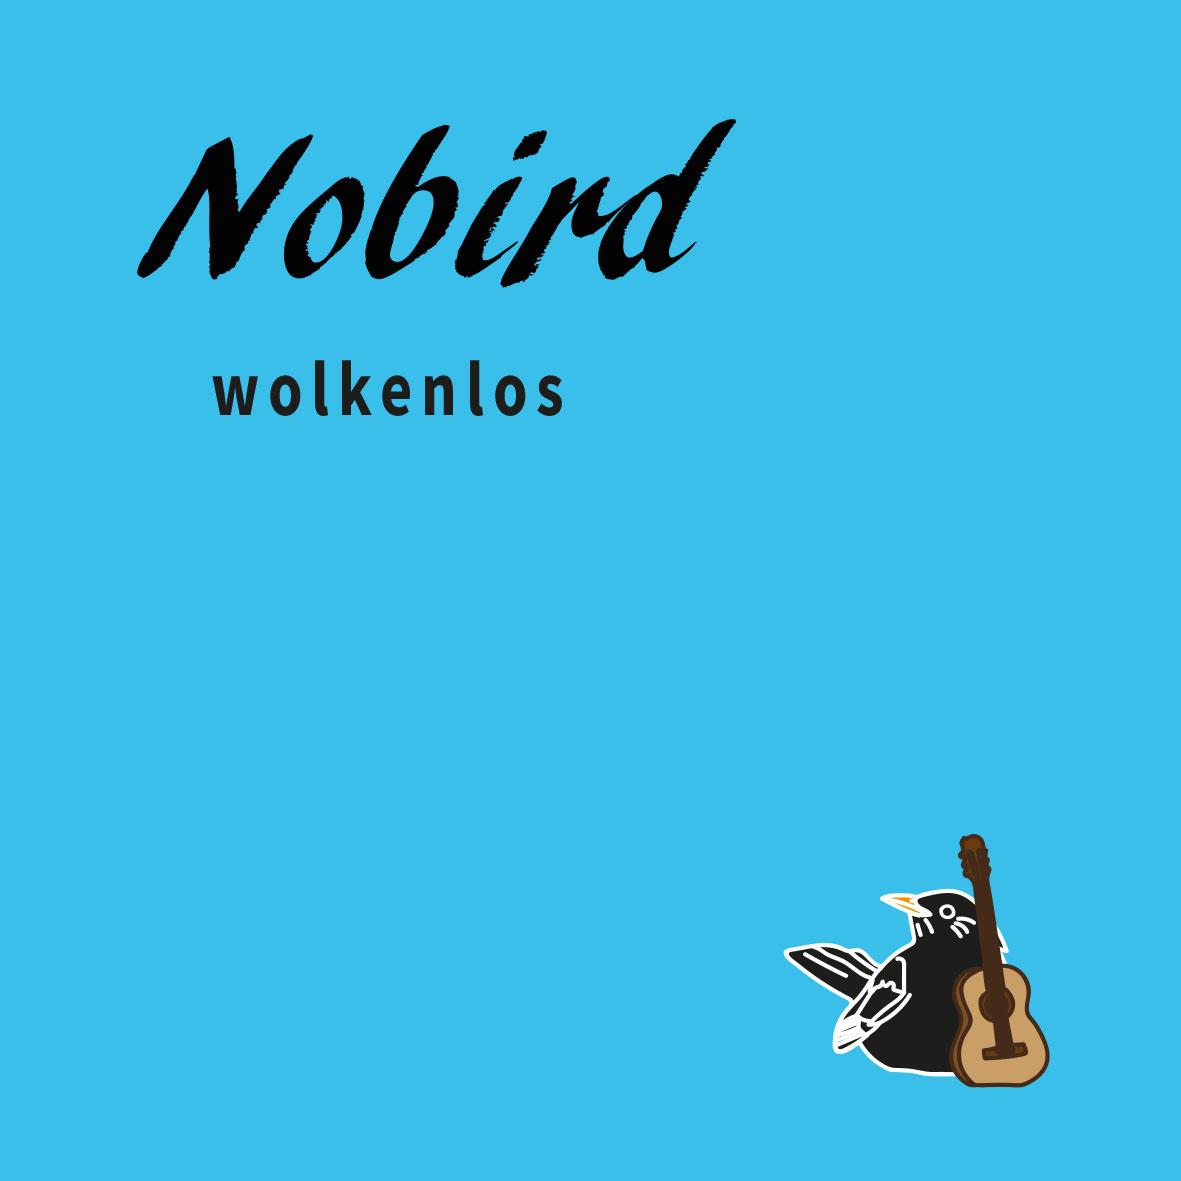 Nobird – wolkenlos